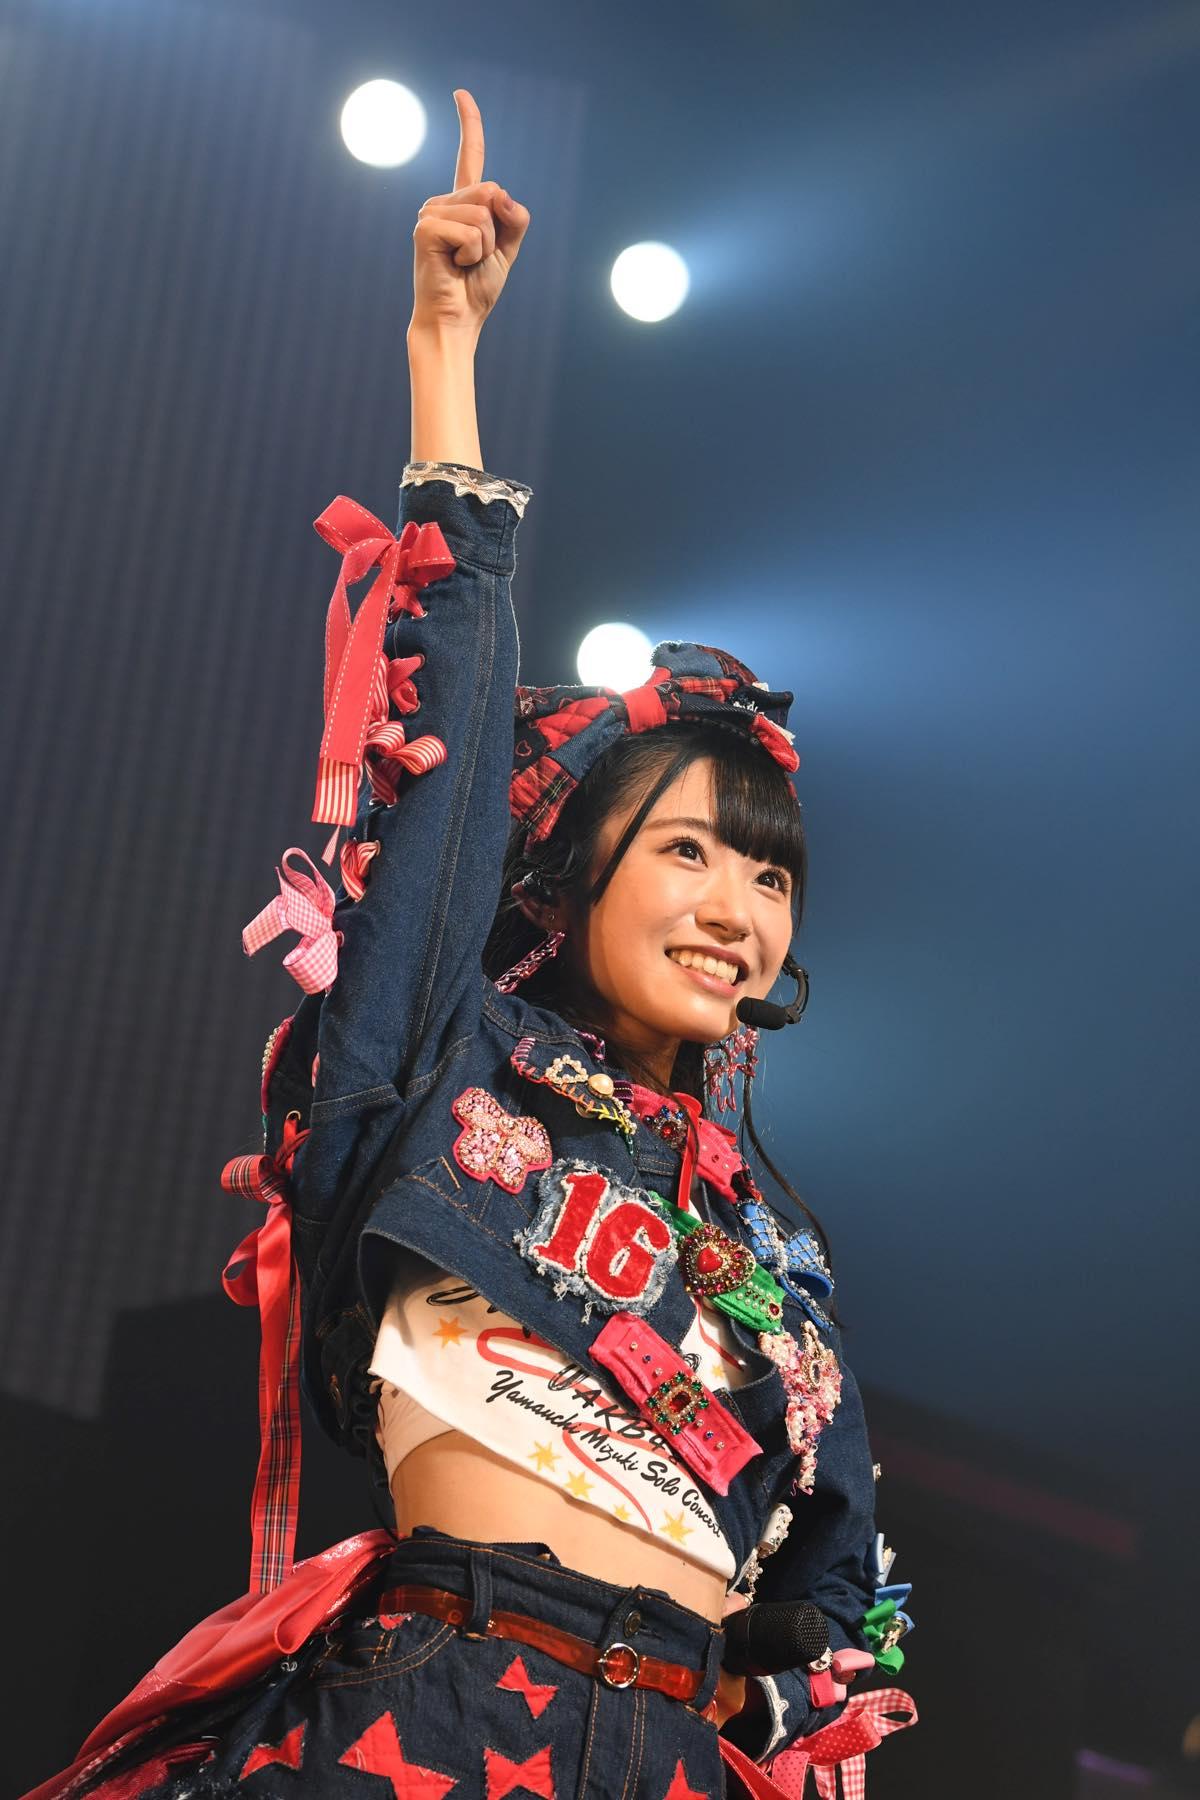 AKB48山内瑞葵ソロコンサートの画像6